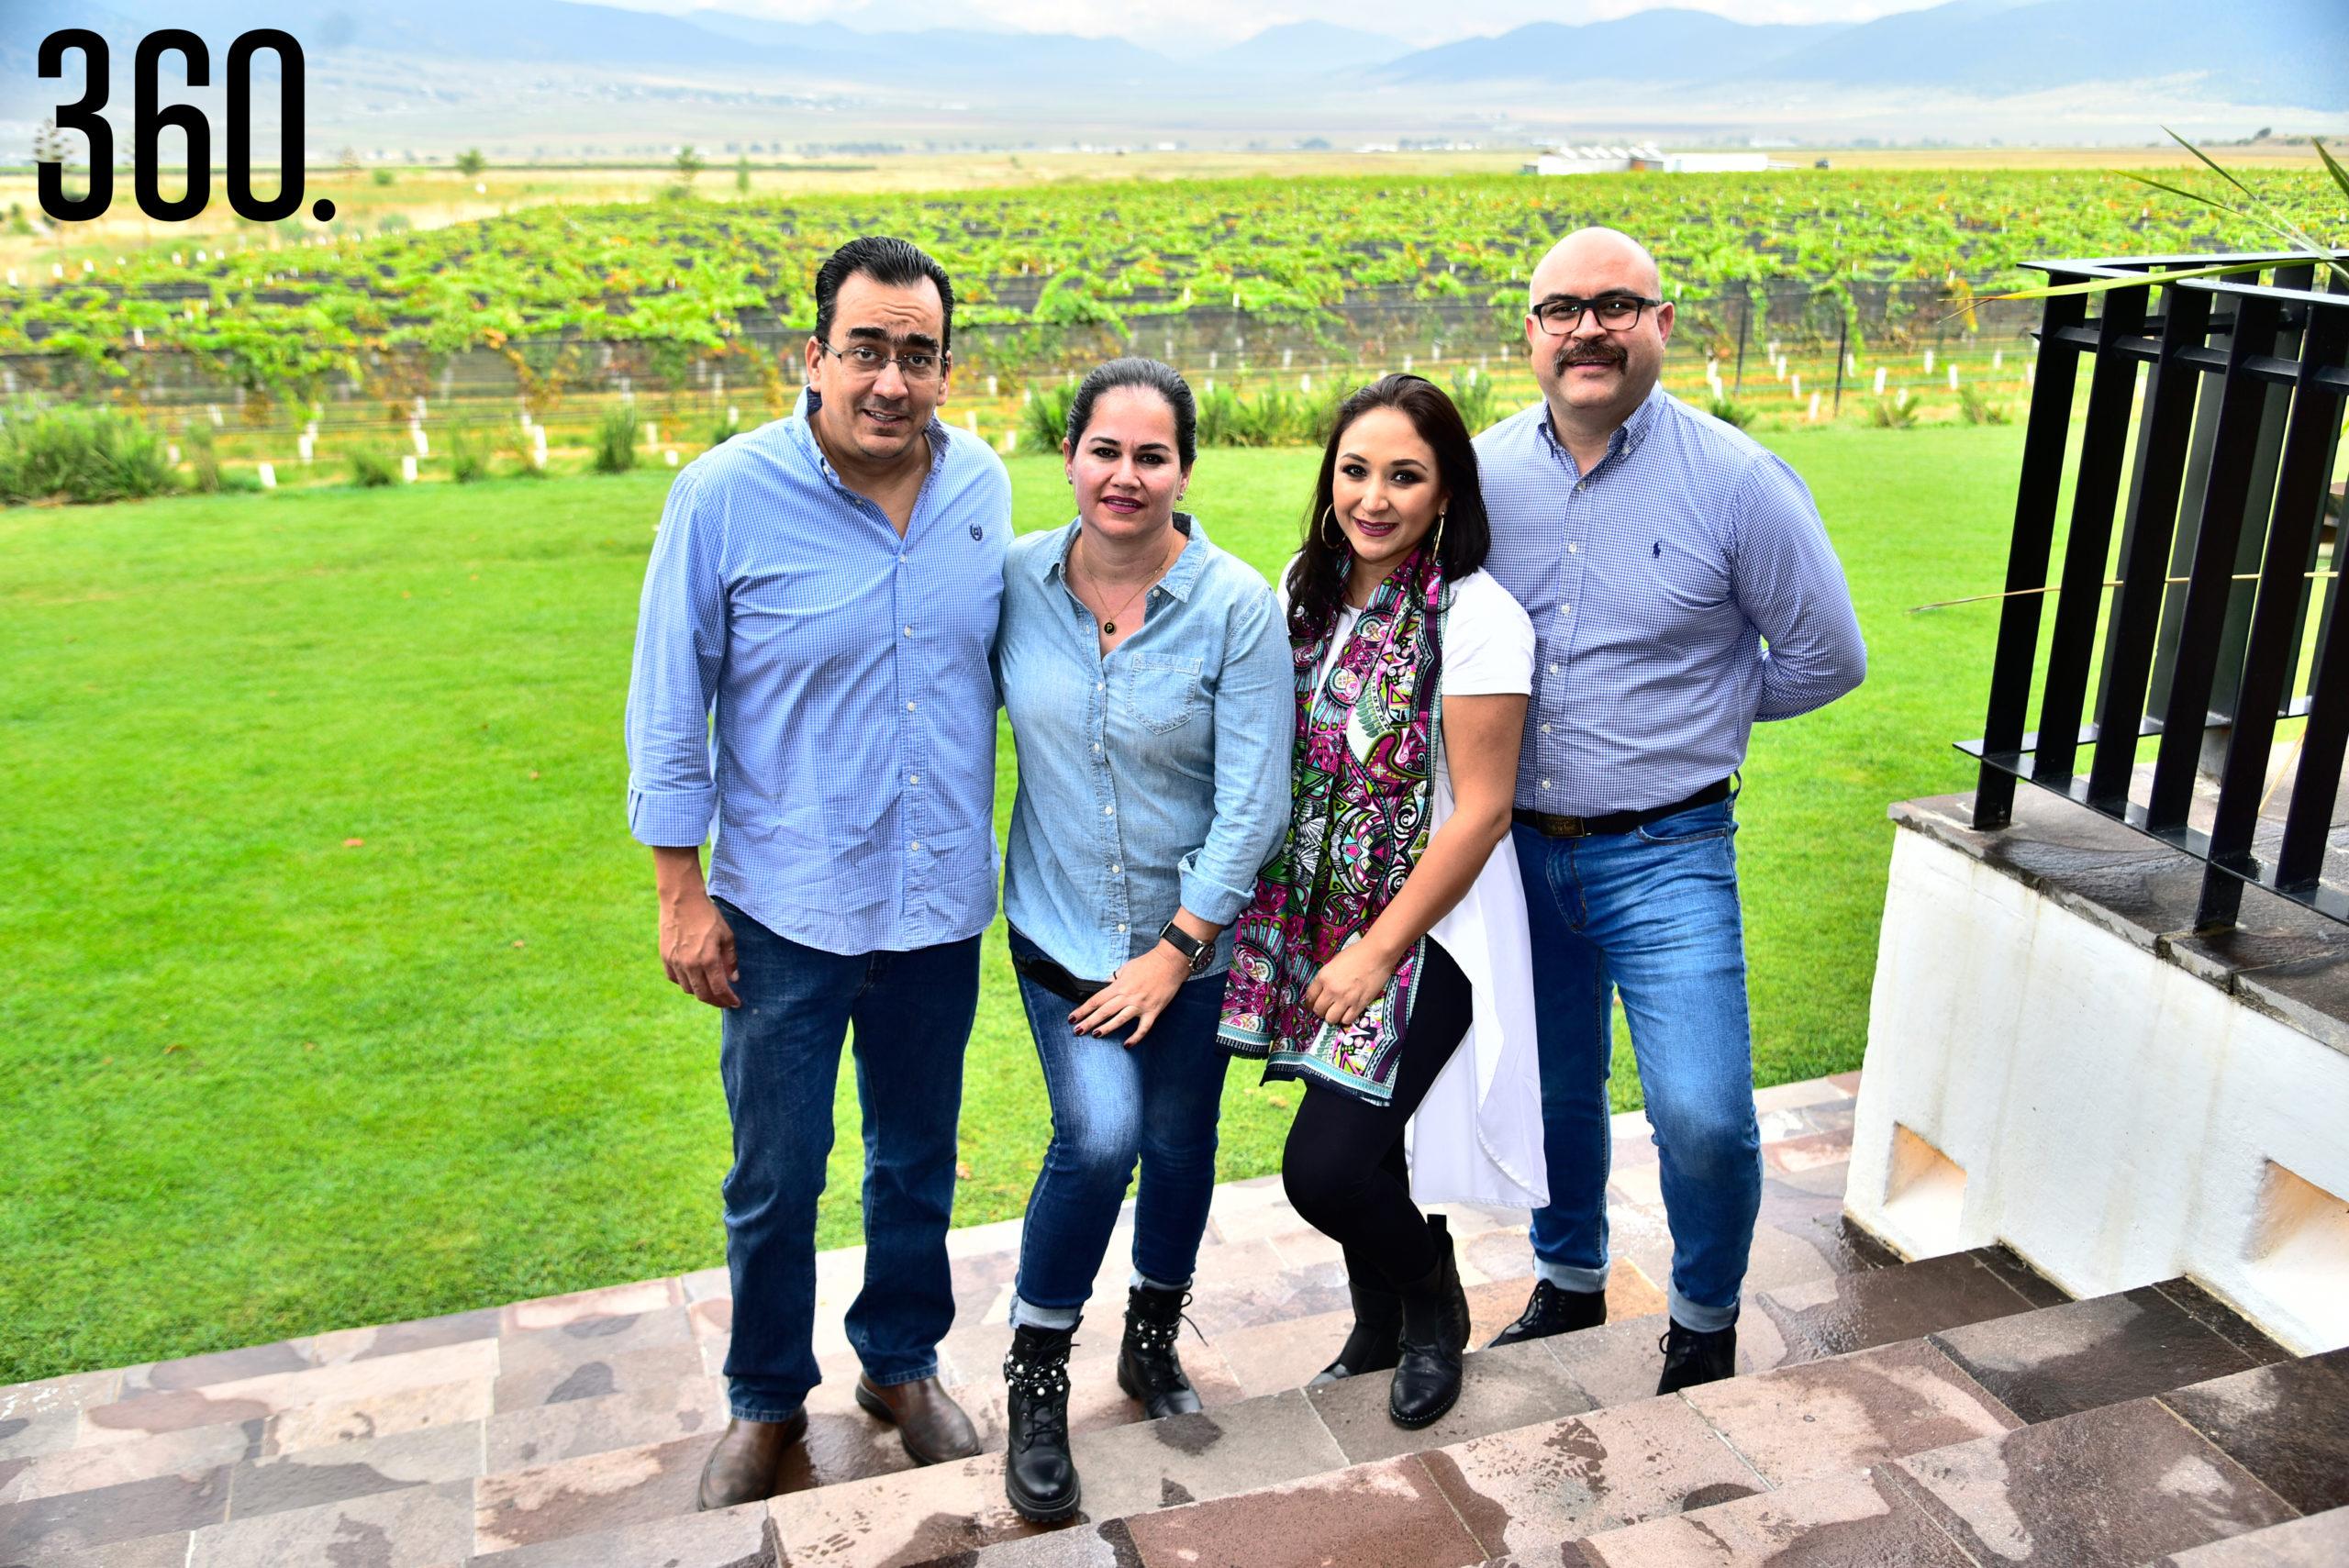 Héctor Gómez, Pamela Aguirre, Mayra García y Jorge Aguilar.